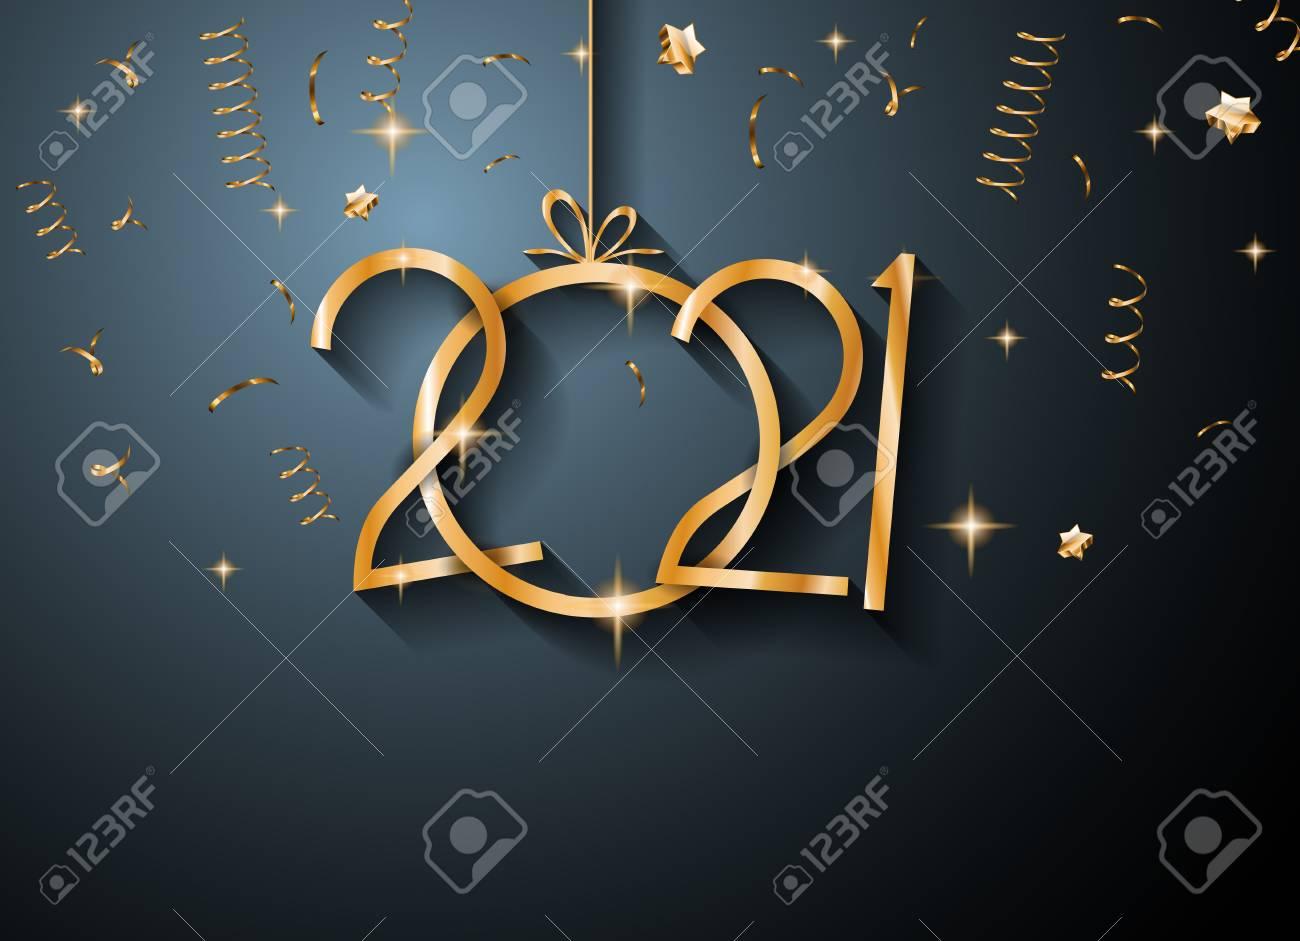 2021 Fond De Bonne Année Pour Vos Cartes De Voeux Saisonniers Et Cartes De  Voeux Ou Invitations Sur Le Thème De Noël Clip Art Libres De Droits ,  Vecteurs Et Illustration. Image 91477370.